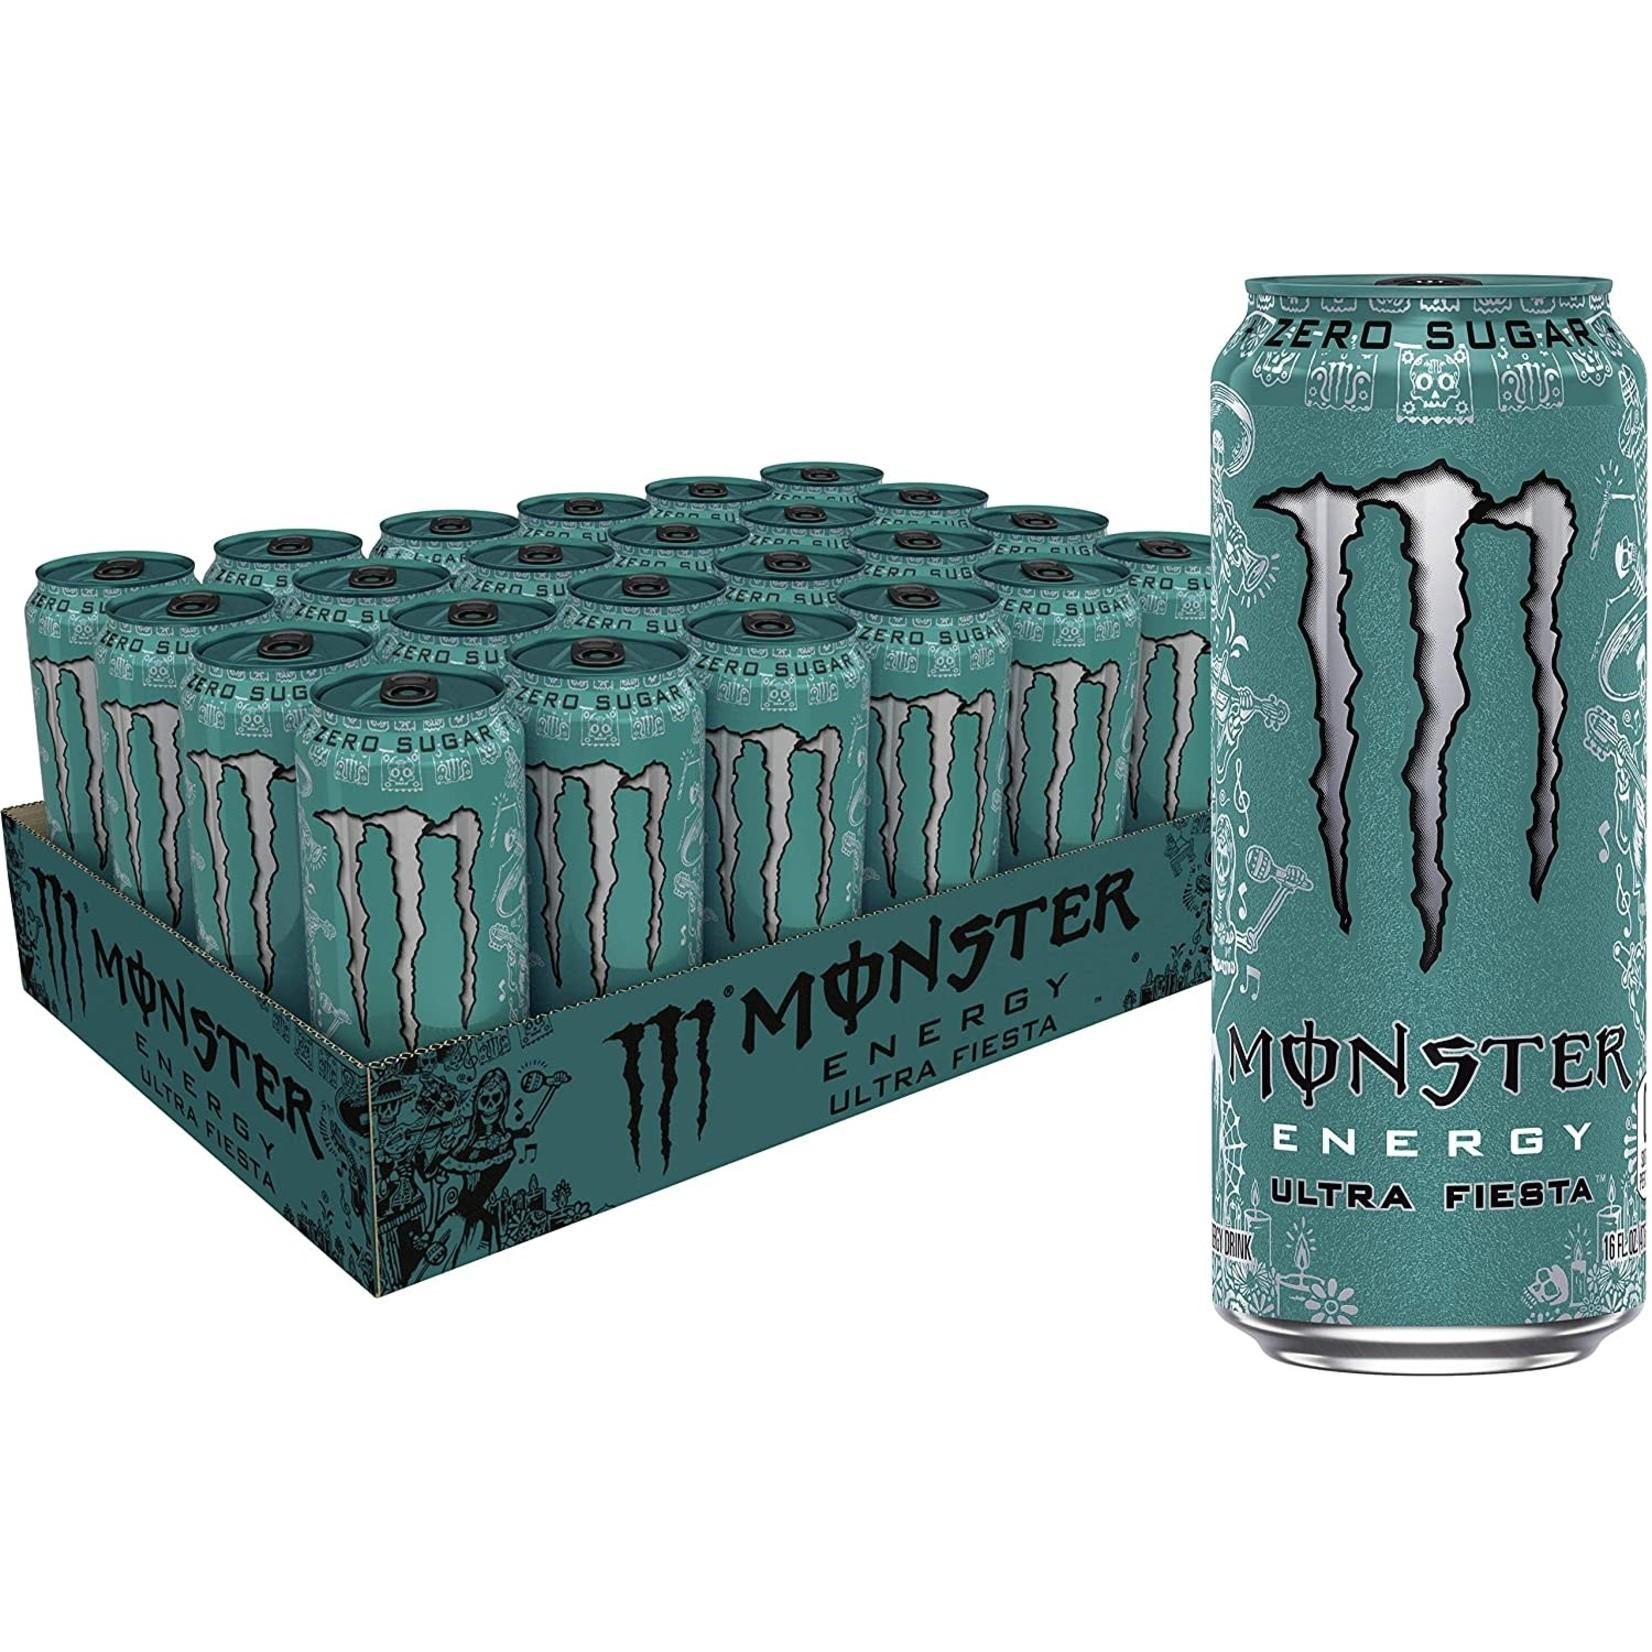 16 oz Monster Energy Ultra Fiesta